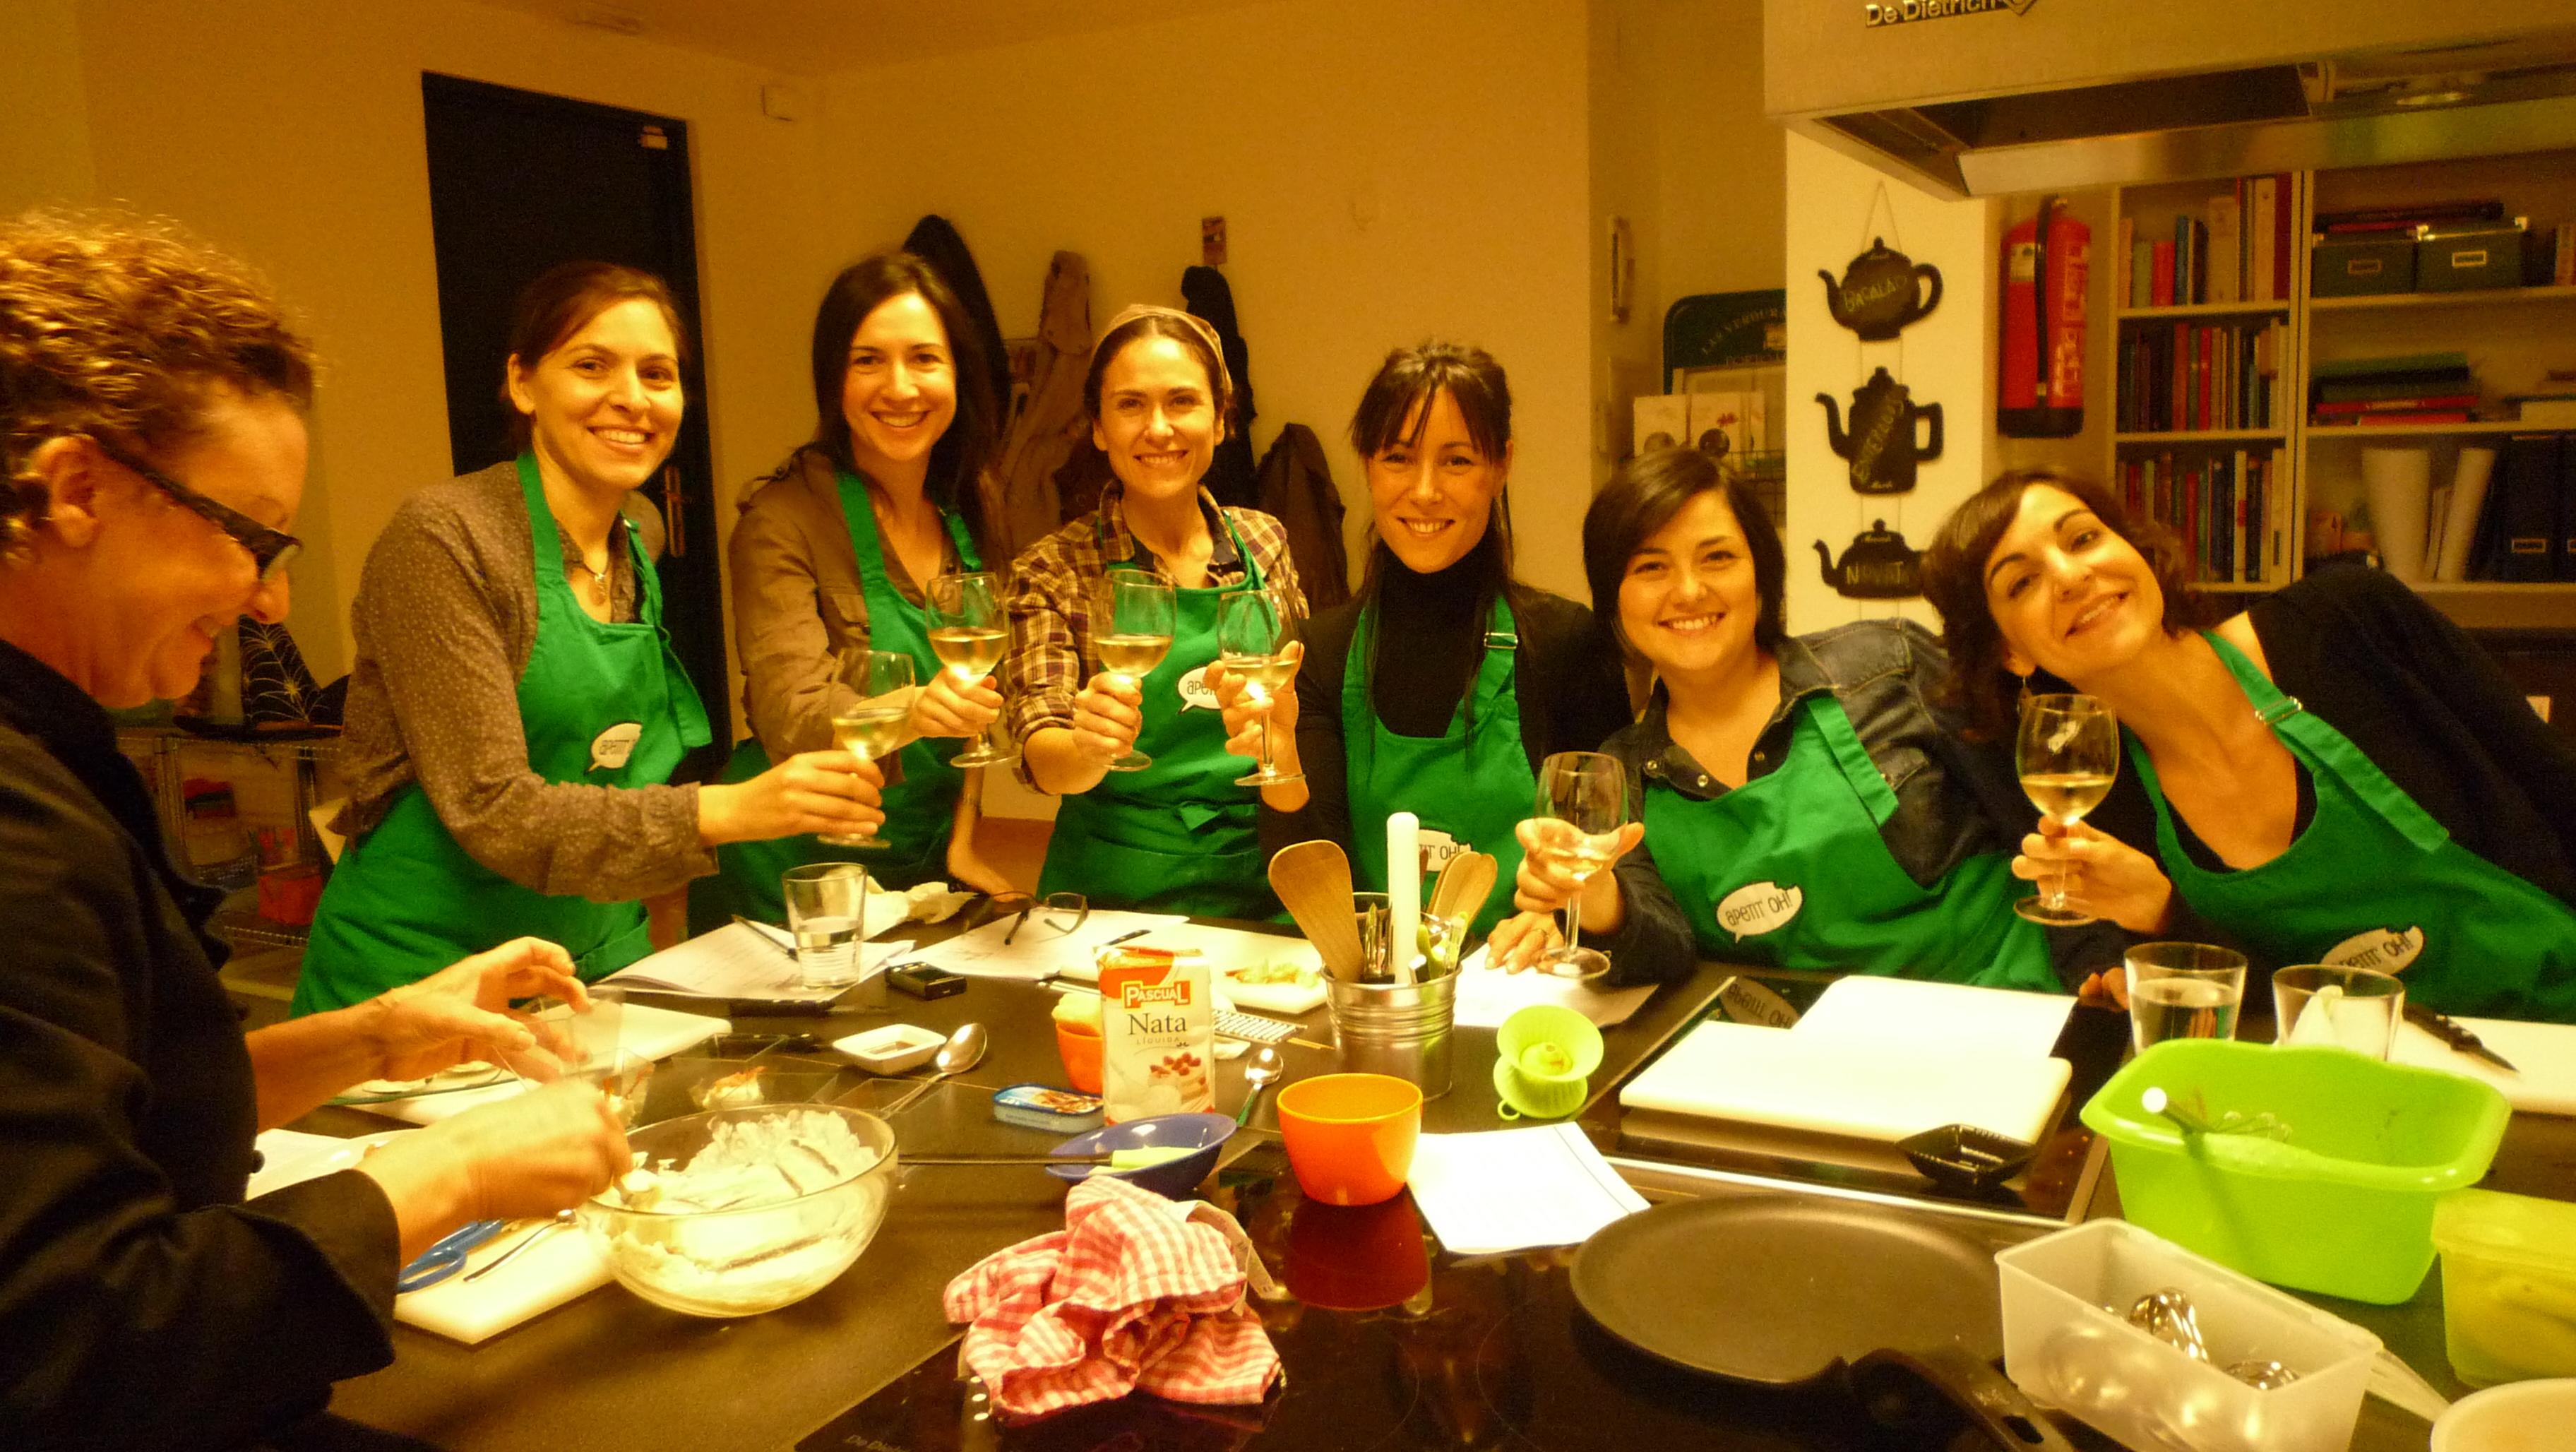 Clases de cocina en madrid shmadrid for Cursos de cocina para ninos madrid